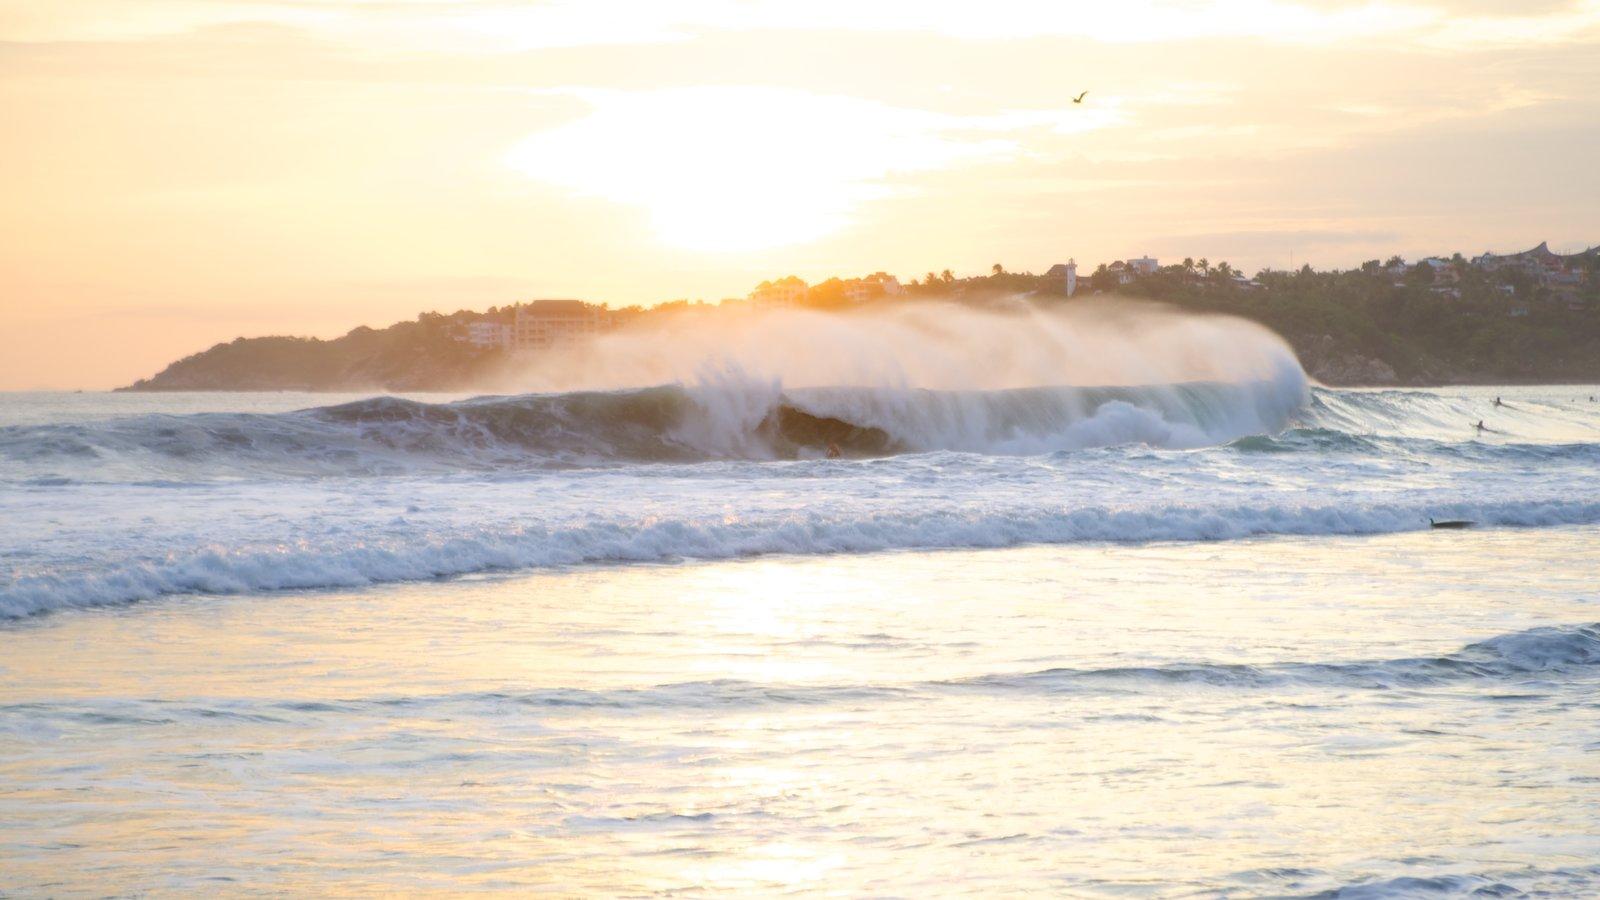 Playa Zicatela mostrando vistas generales de la costa, una puesta de sol y olas